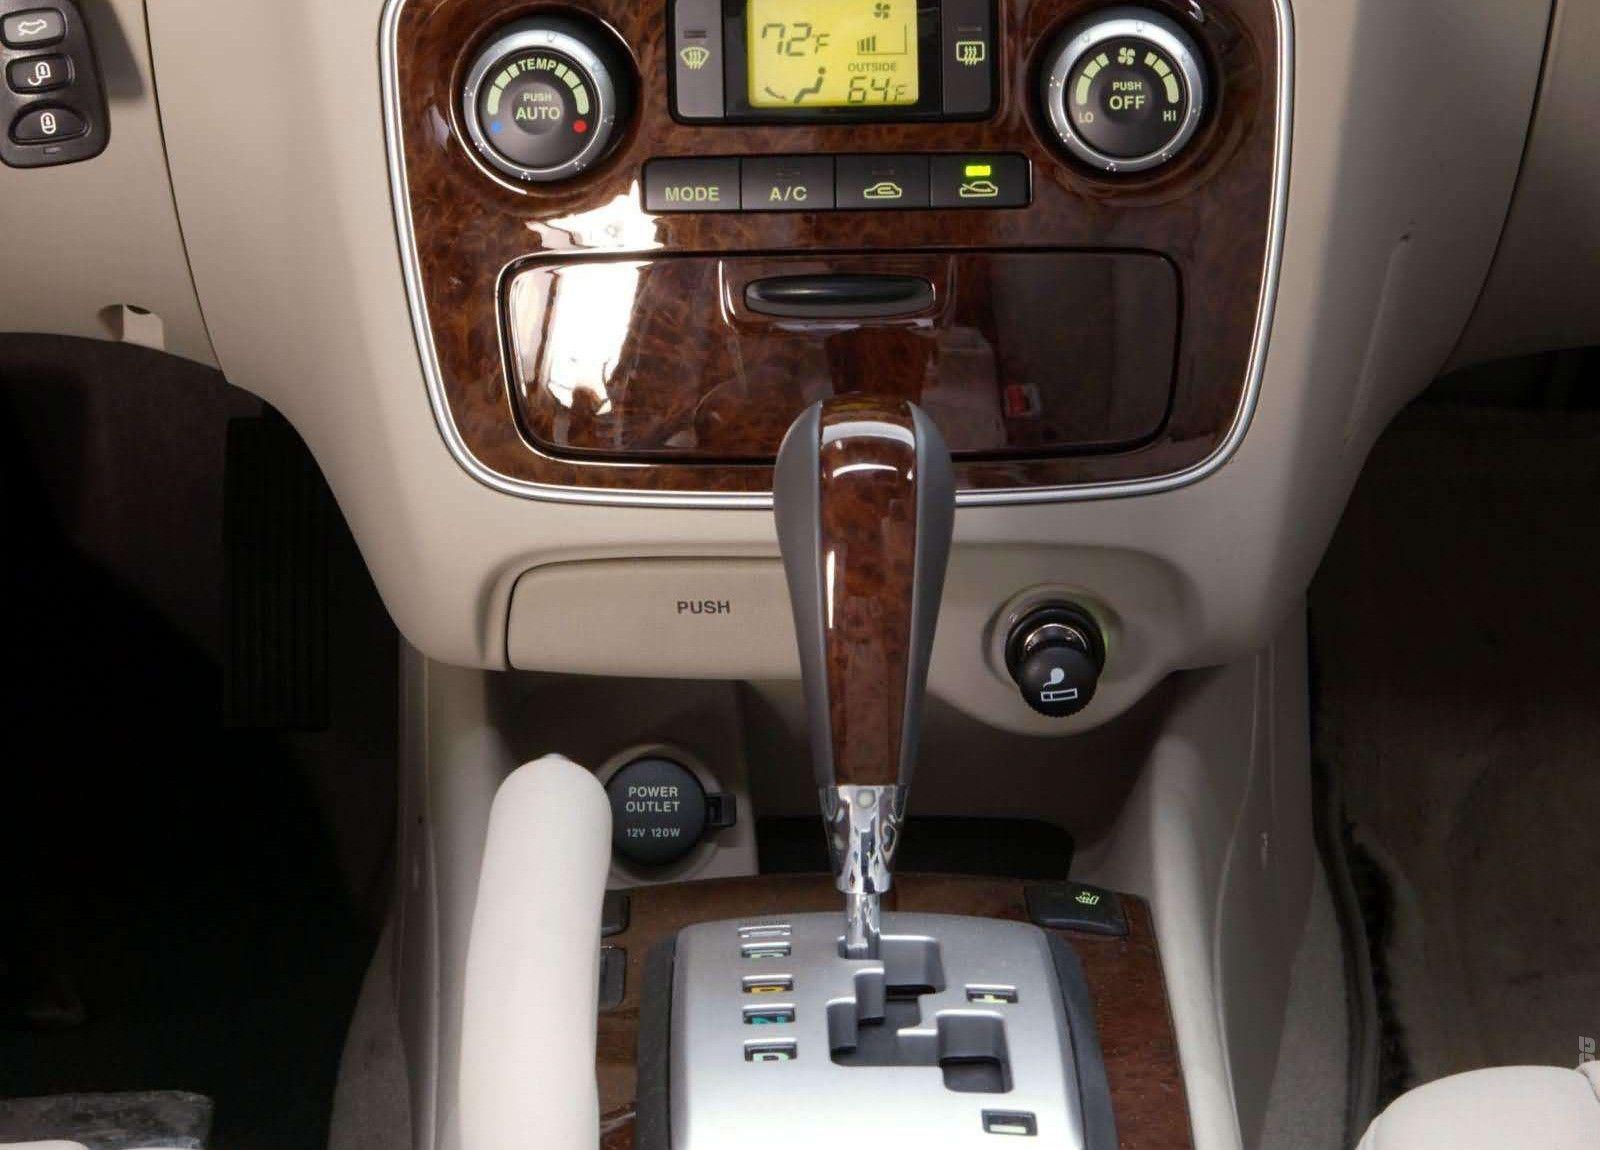 Галерея 2006 Hyundai Sonata V6. 20 свежих и актуальных фотографий.  Пресс релиз,